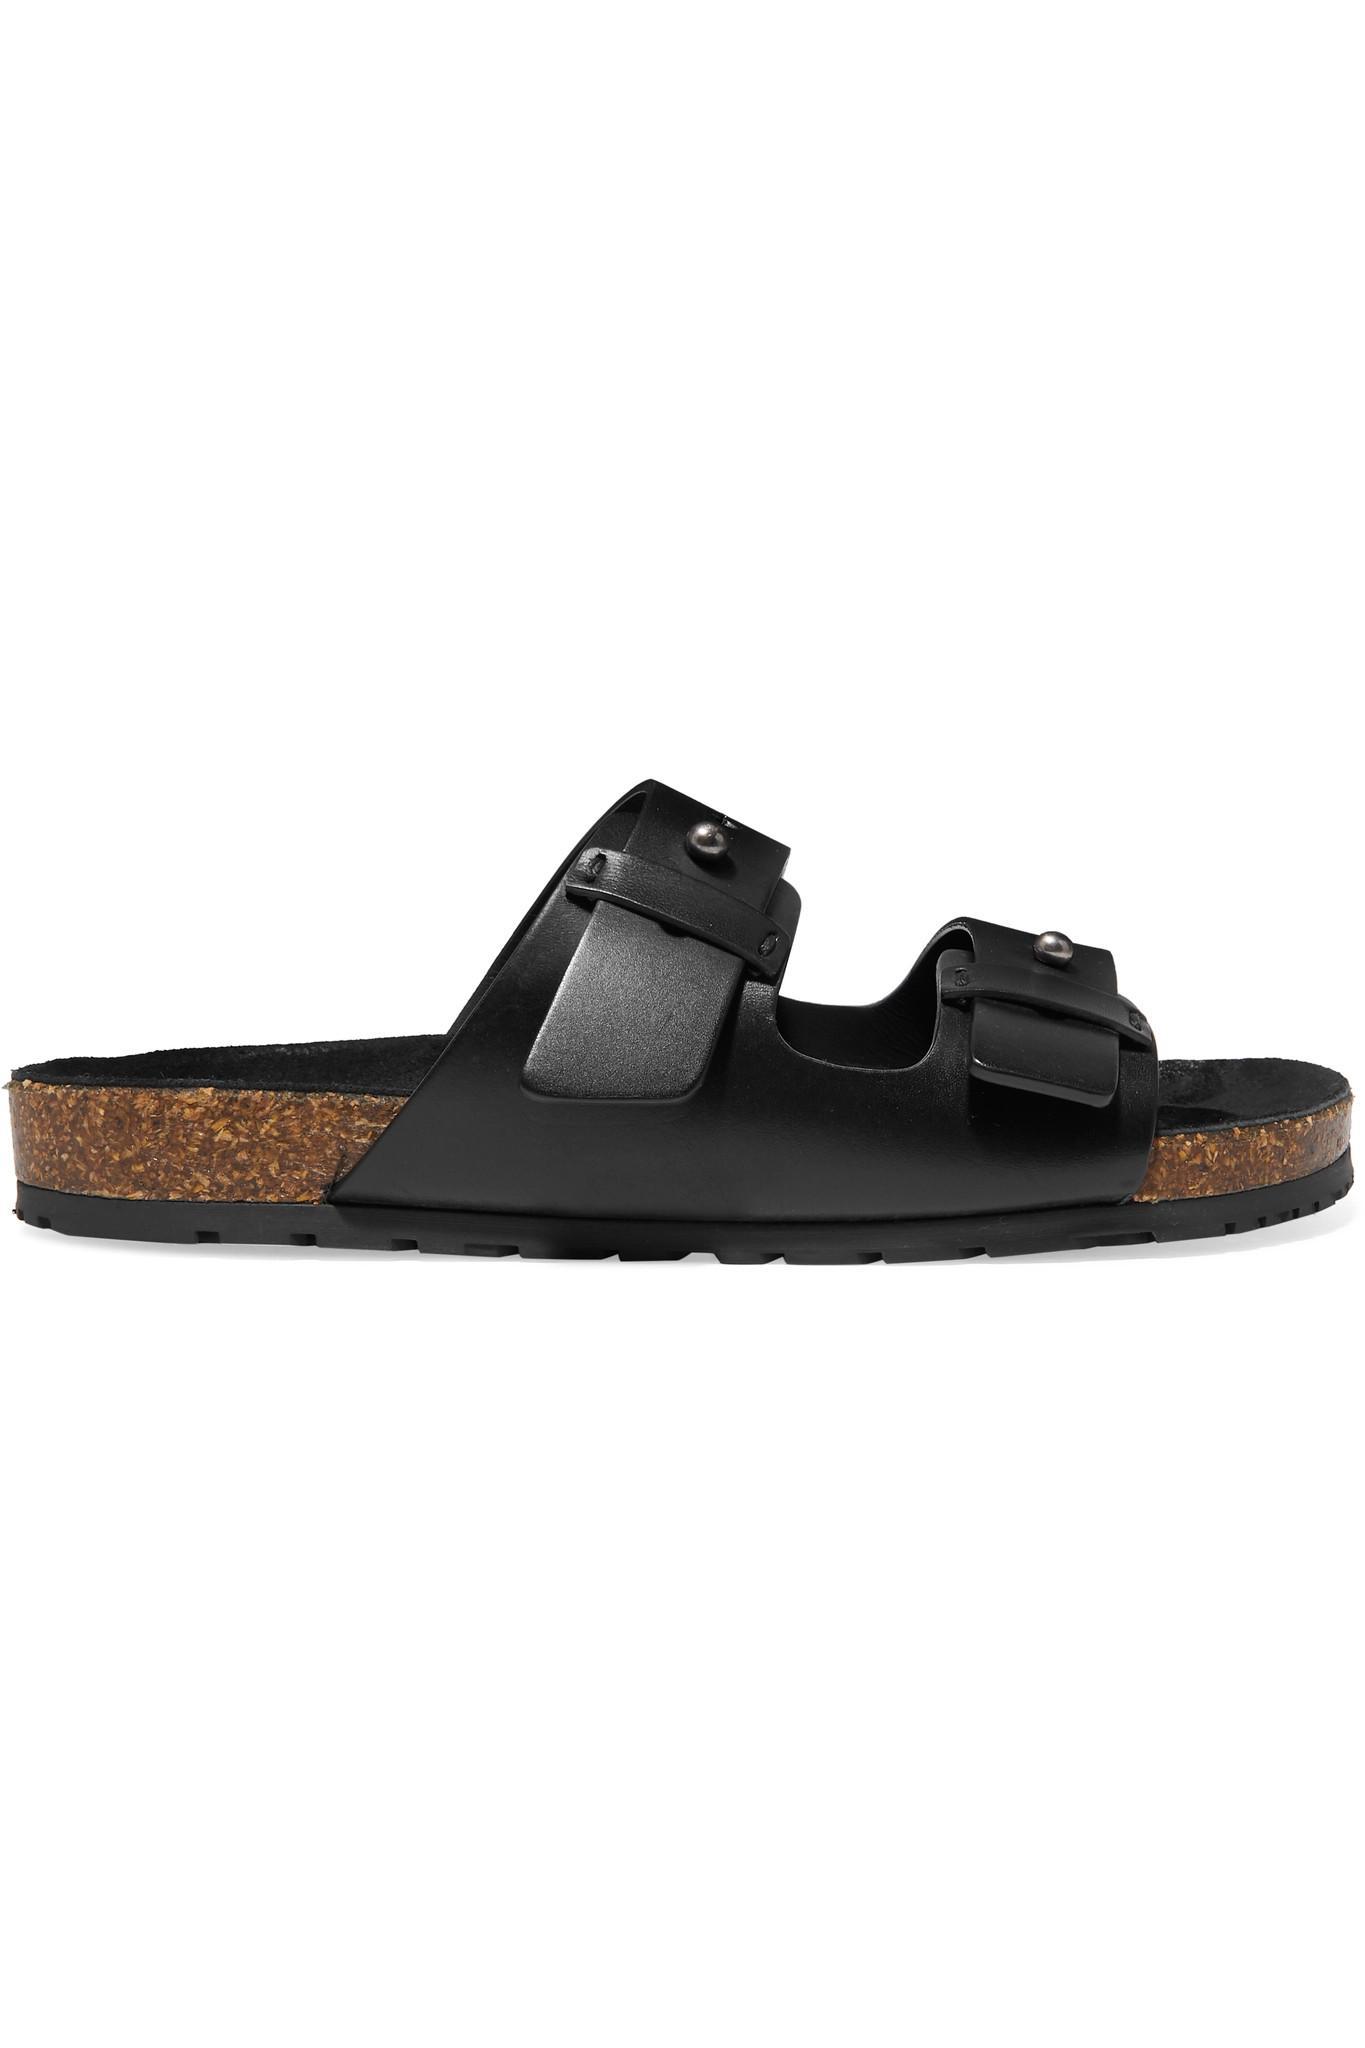 dfc5f2193da9 Saint Laurent Jimmy Leather Slides in Black - Lyst